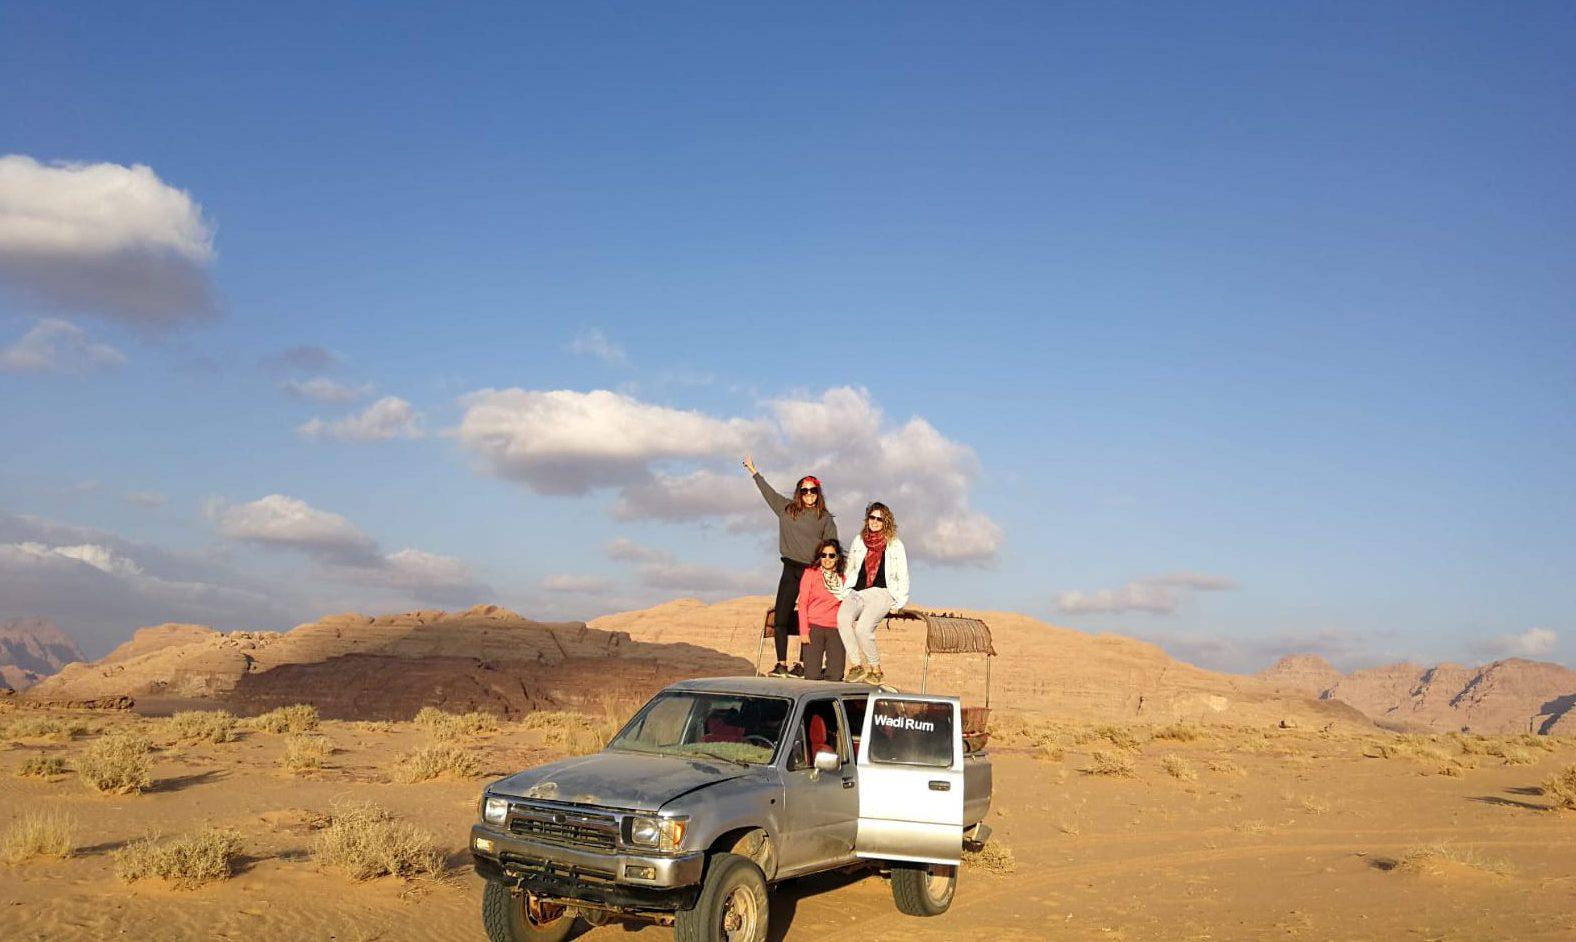 Tour en todo terreno por Wadi RumTour en todo terreno por Wadi Rum